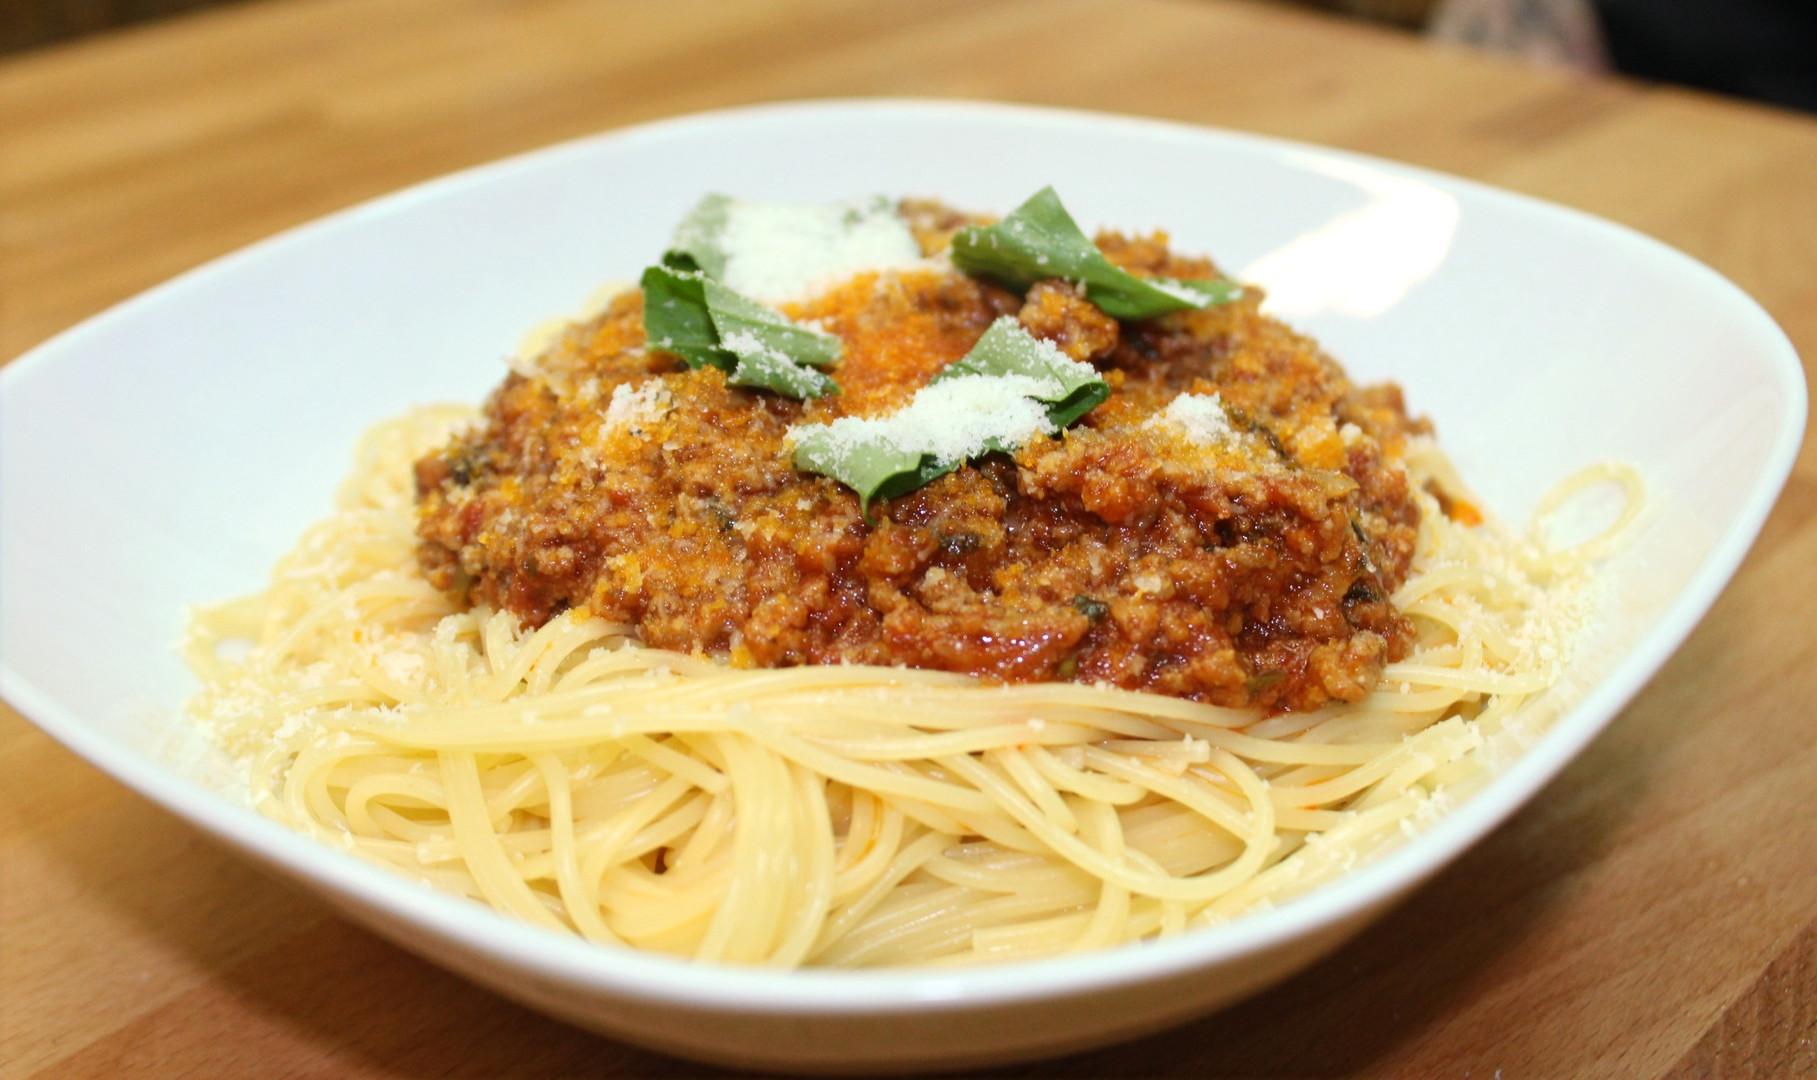 Spaggetti